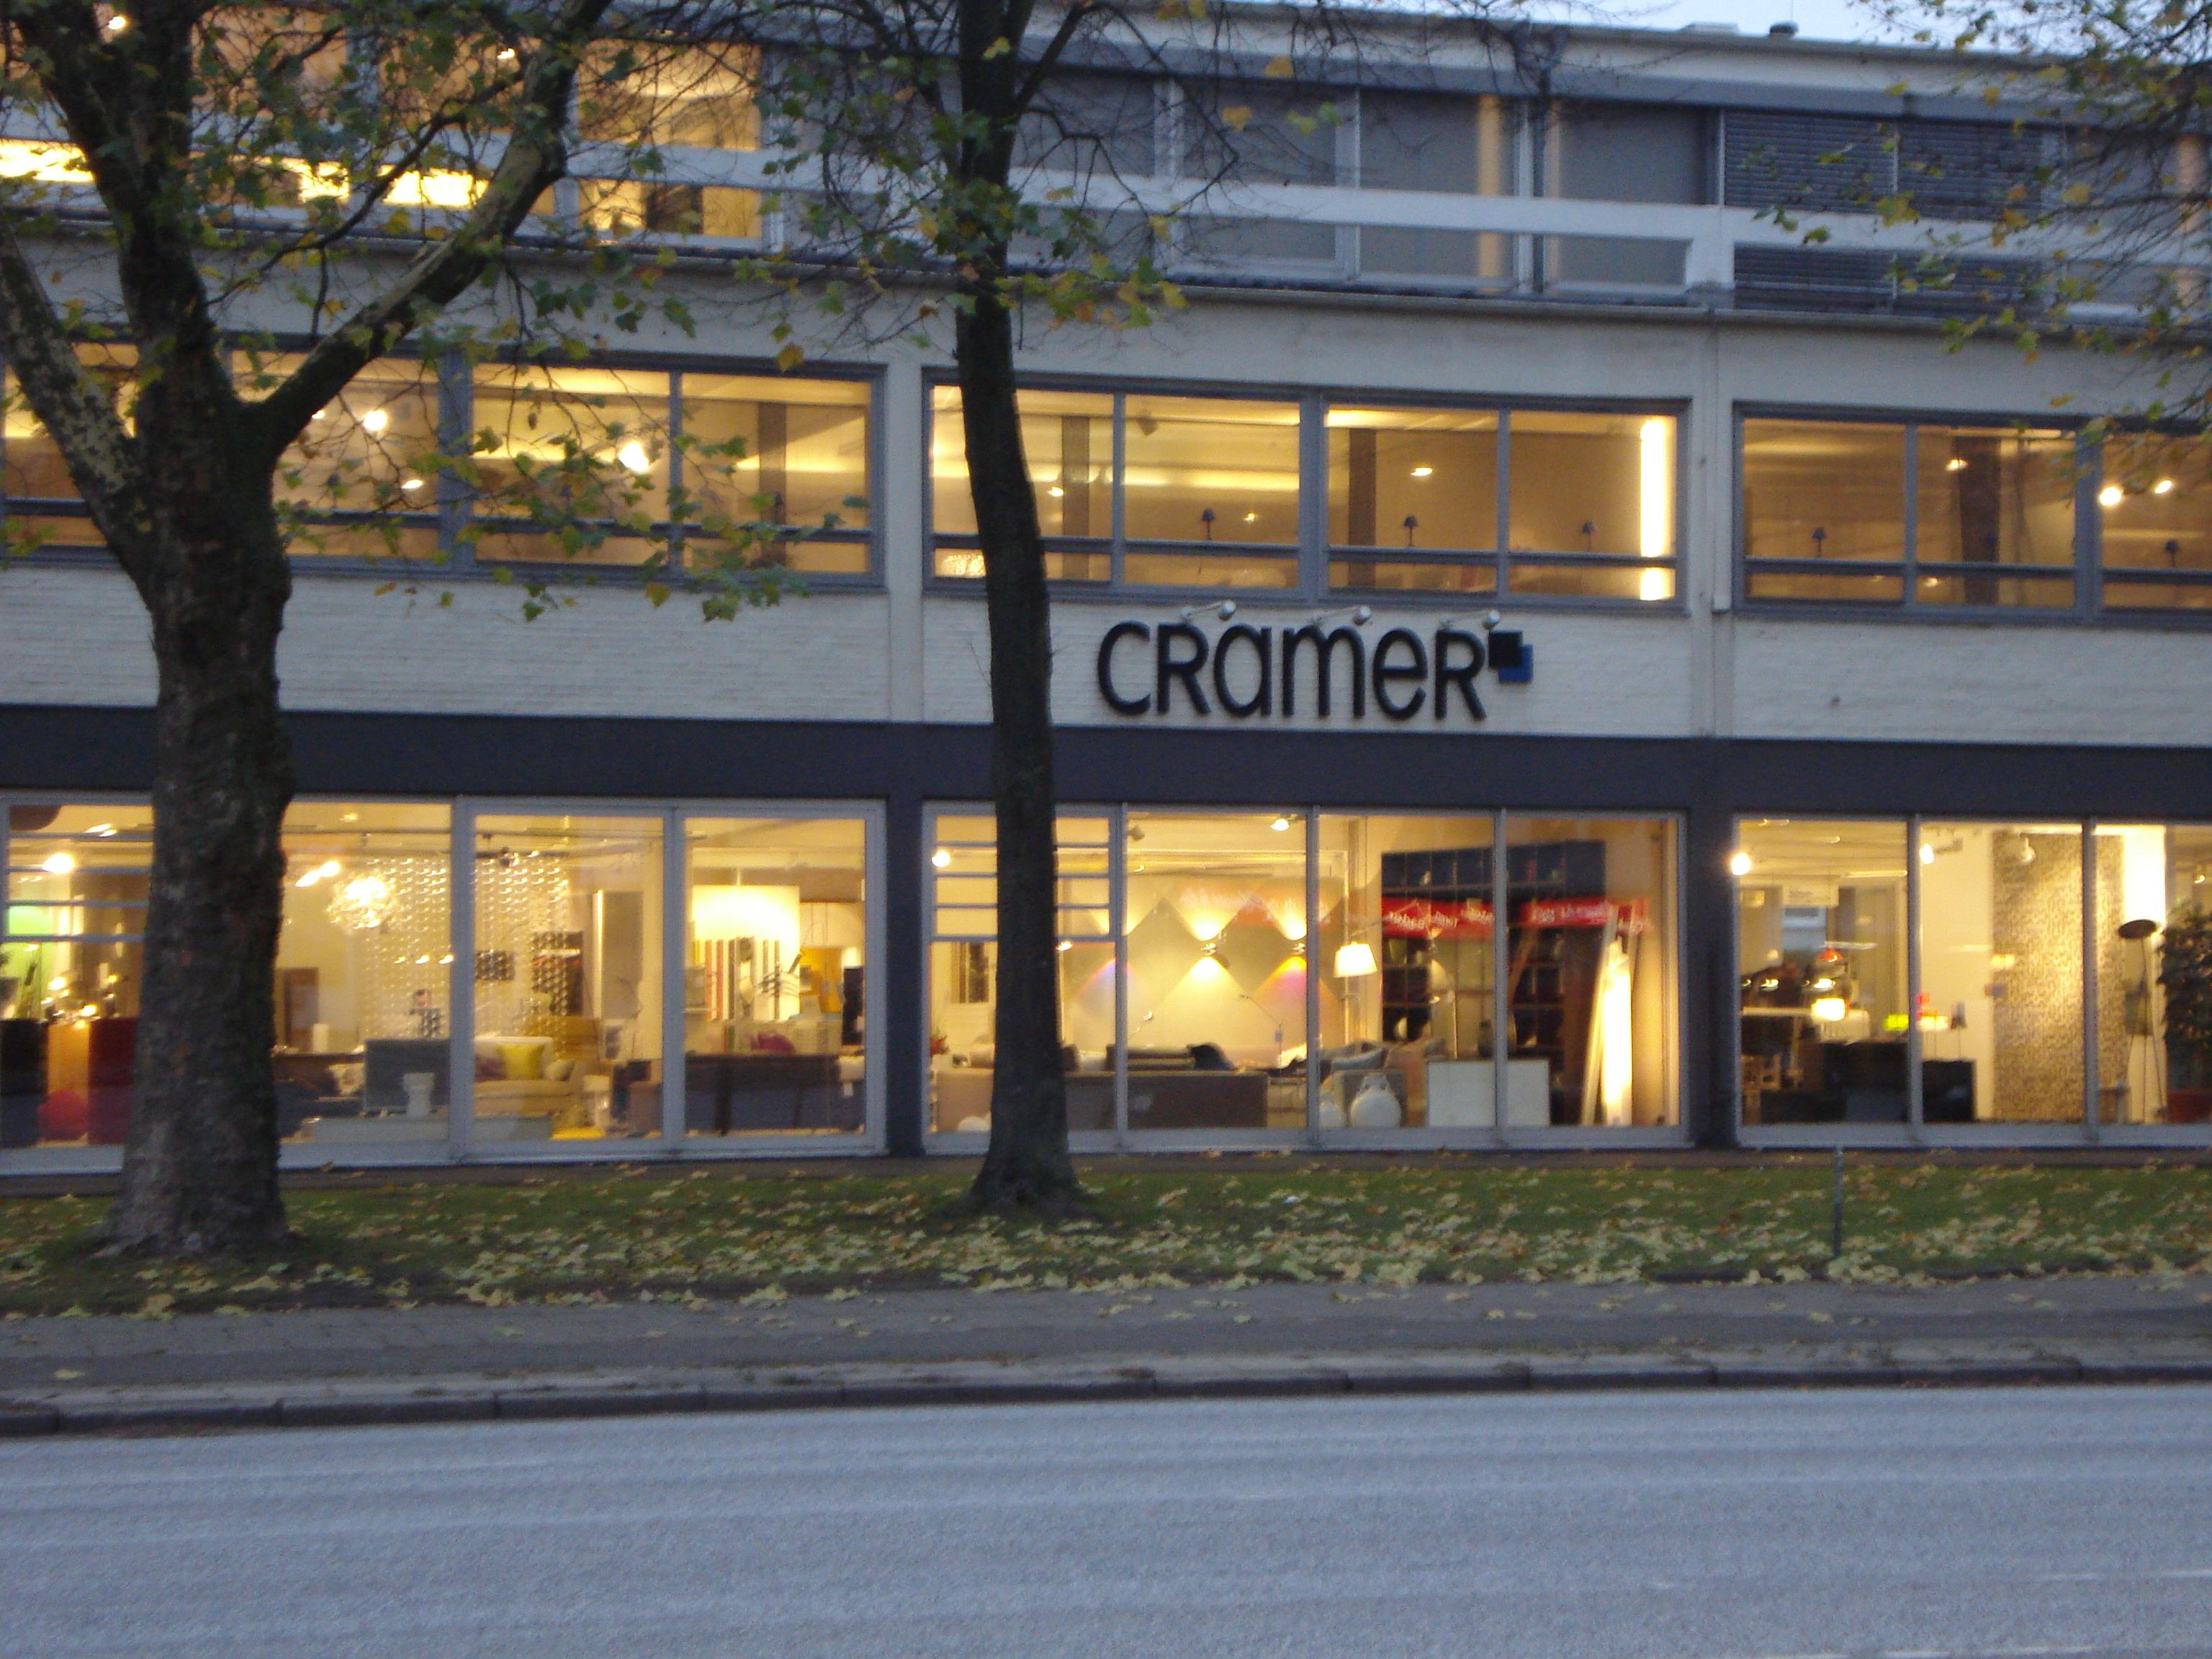 Cramer Möbel Design Gmbh 22525 Hamburg Stellingen